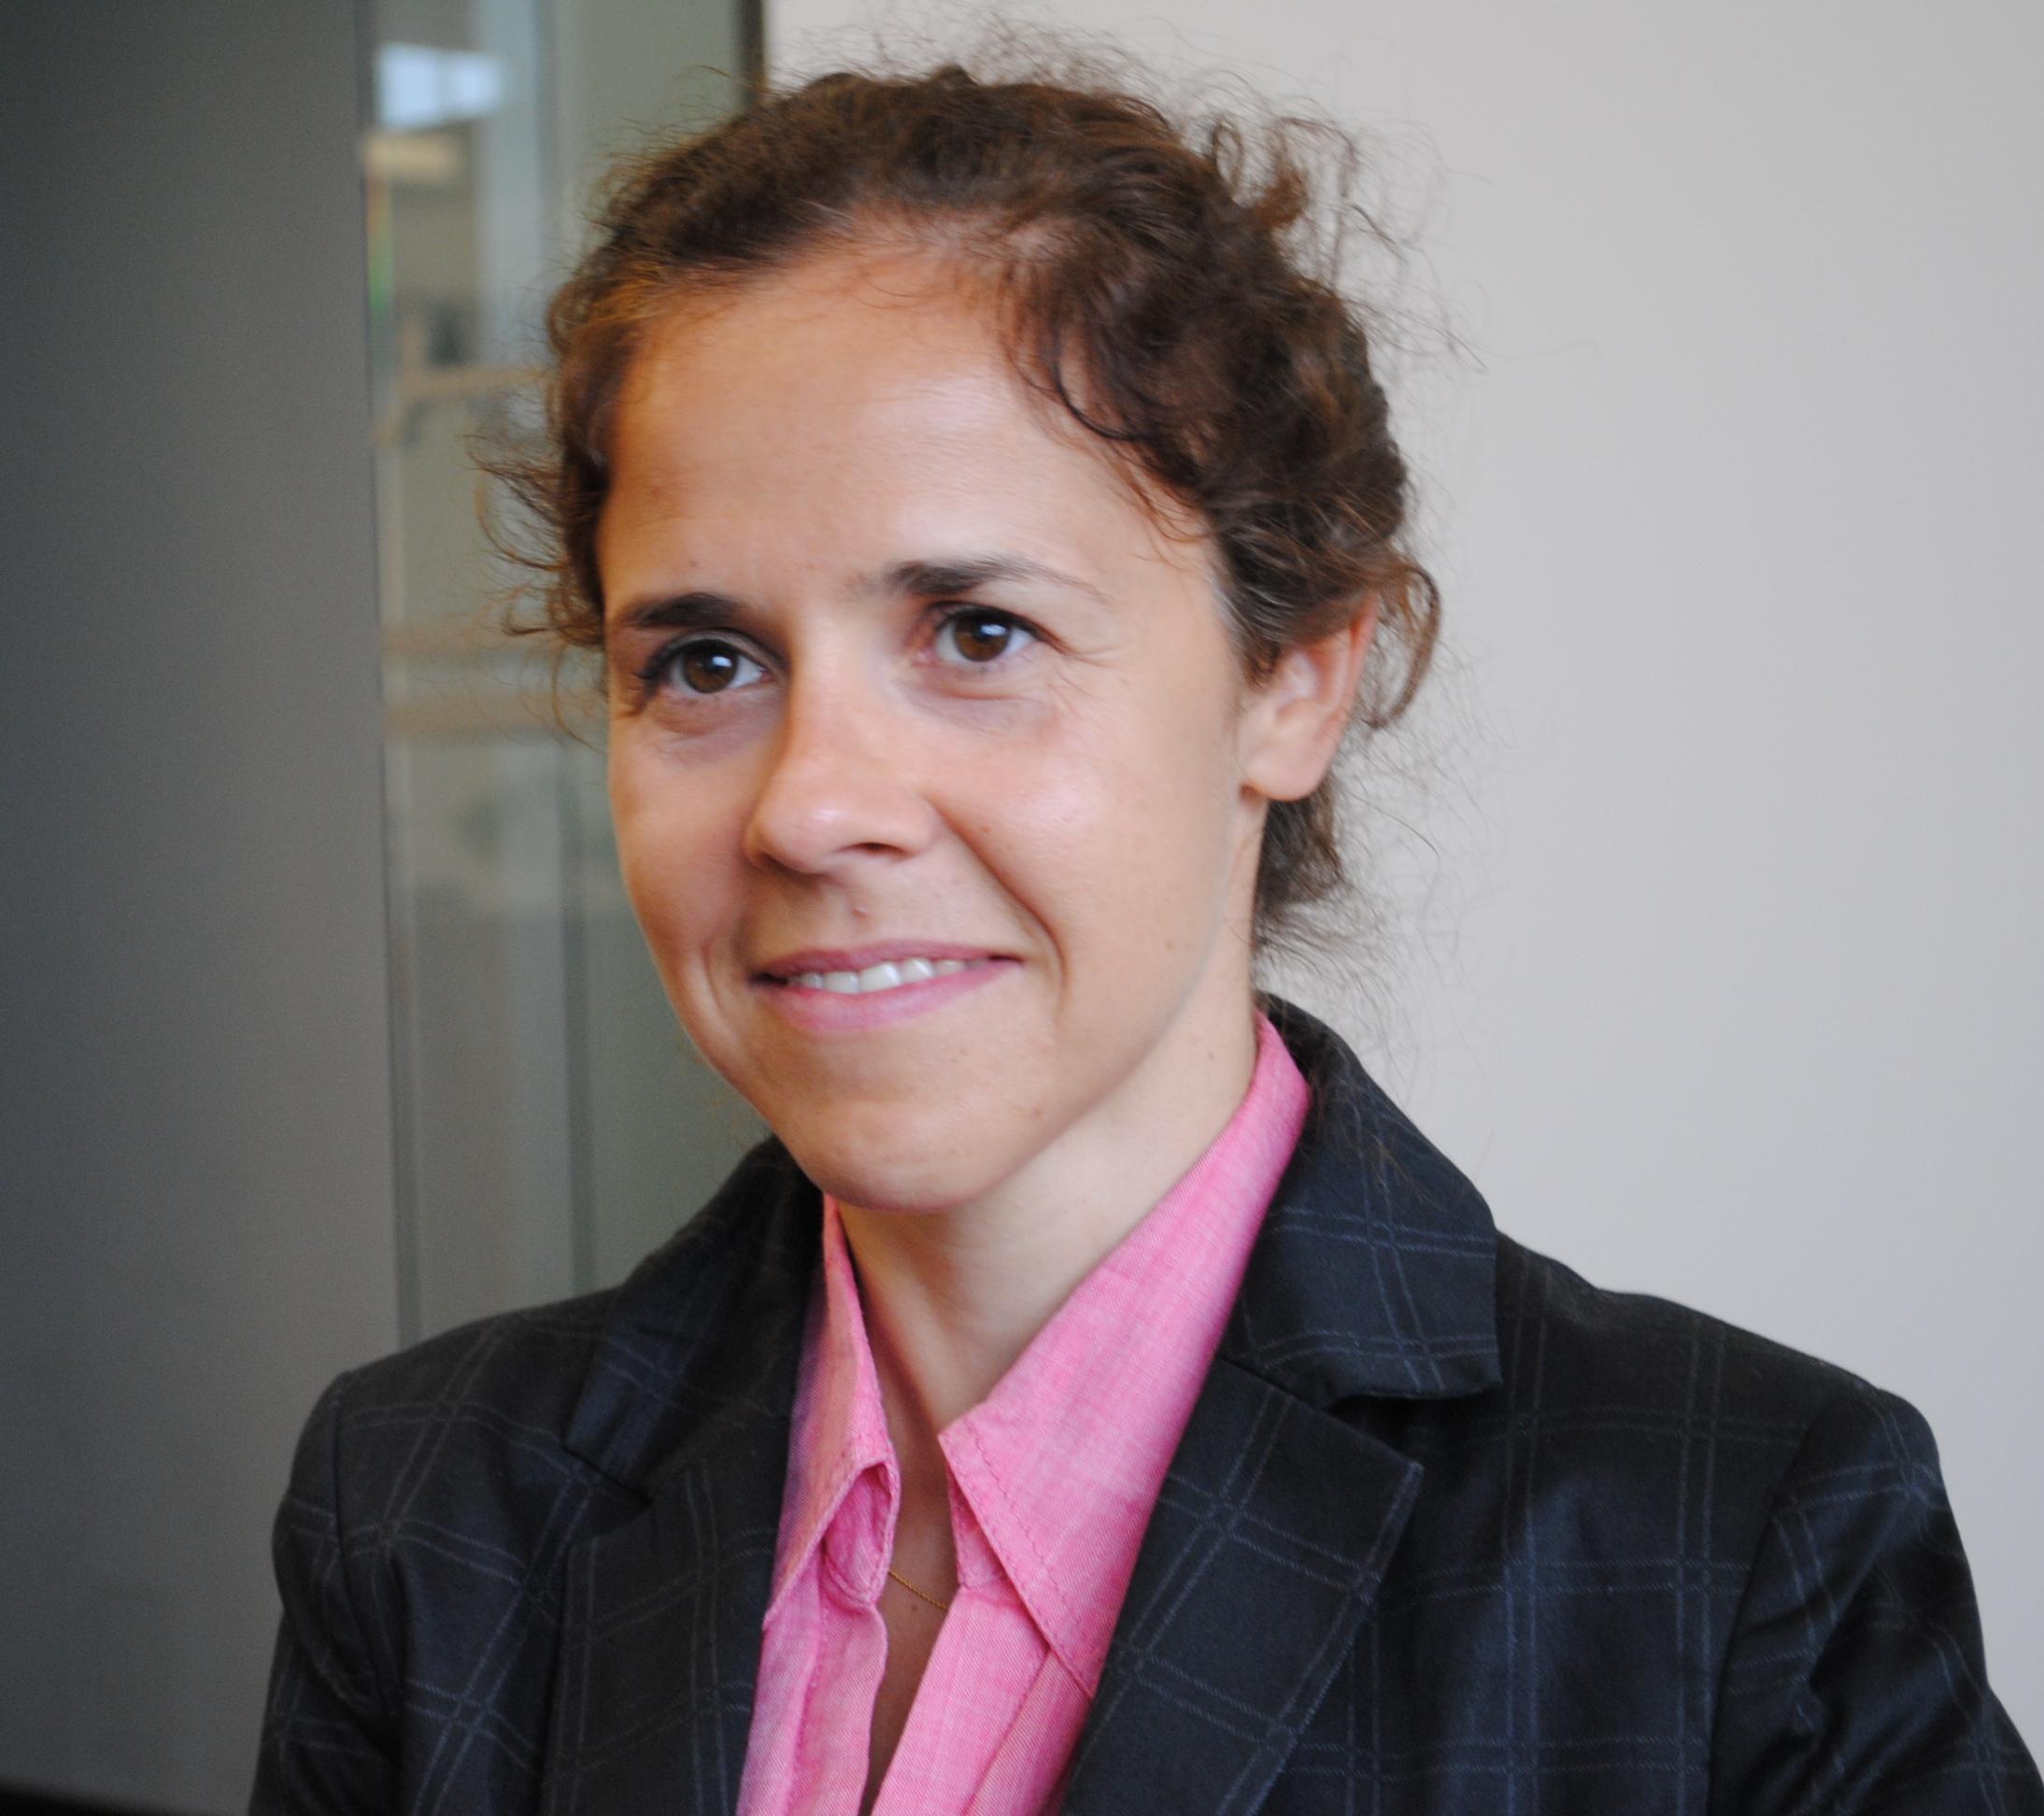 Agnieszka Tertil